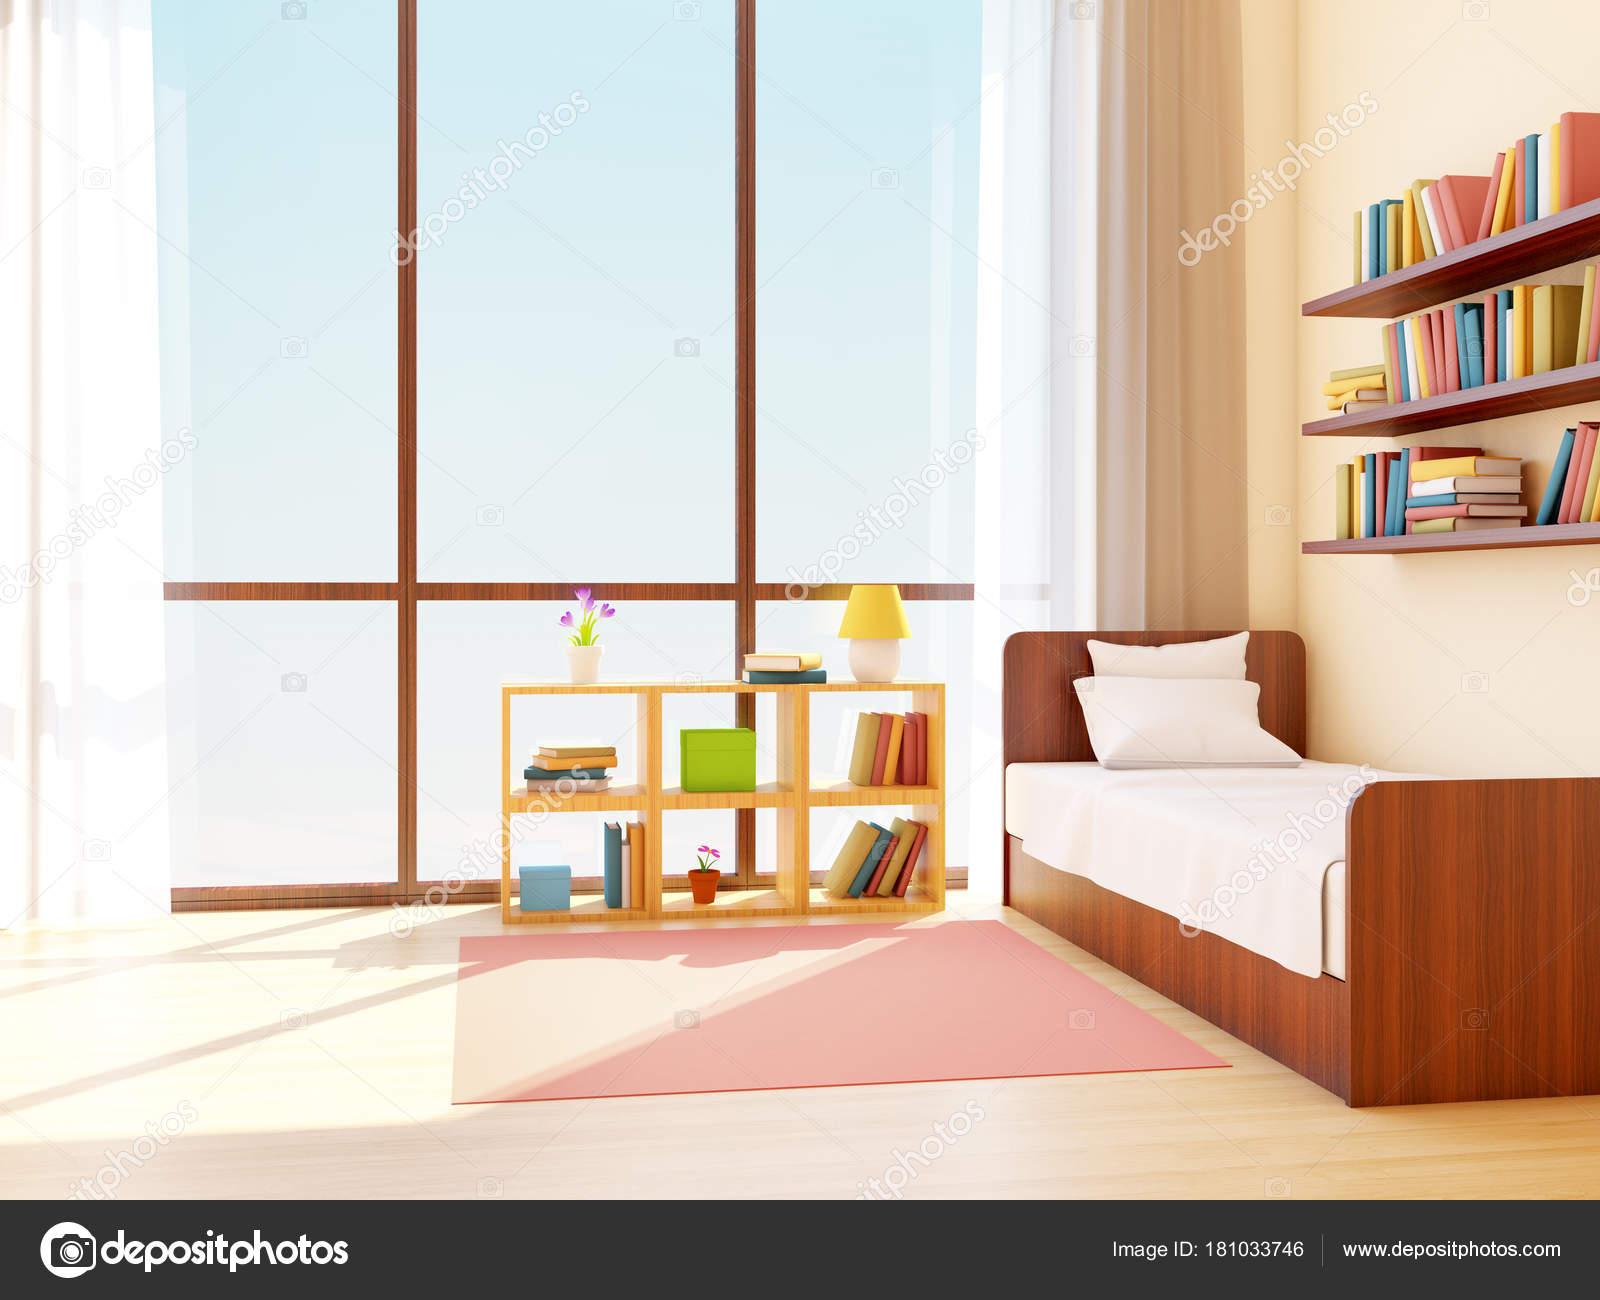 Japan teen bedroom